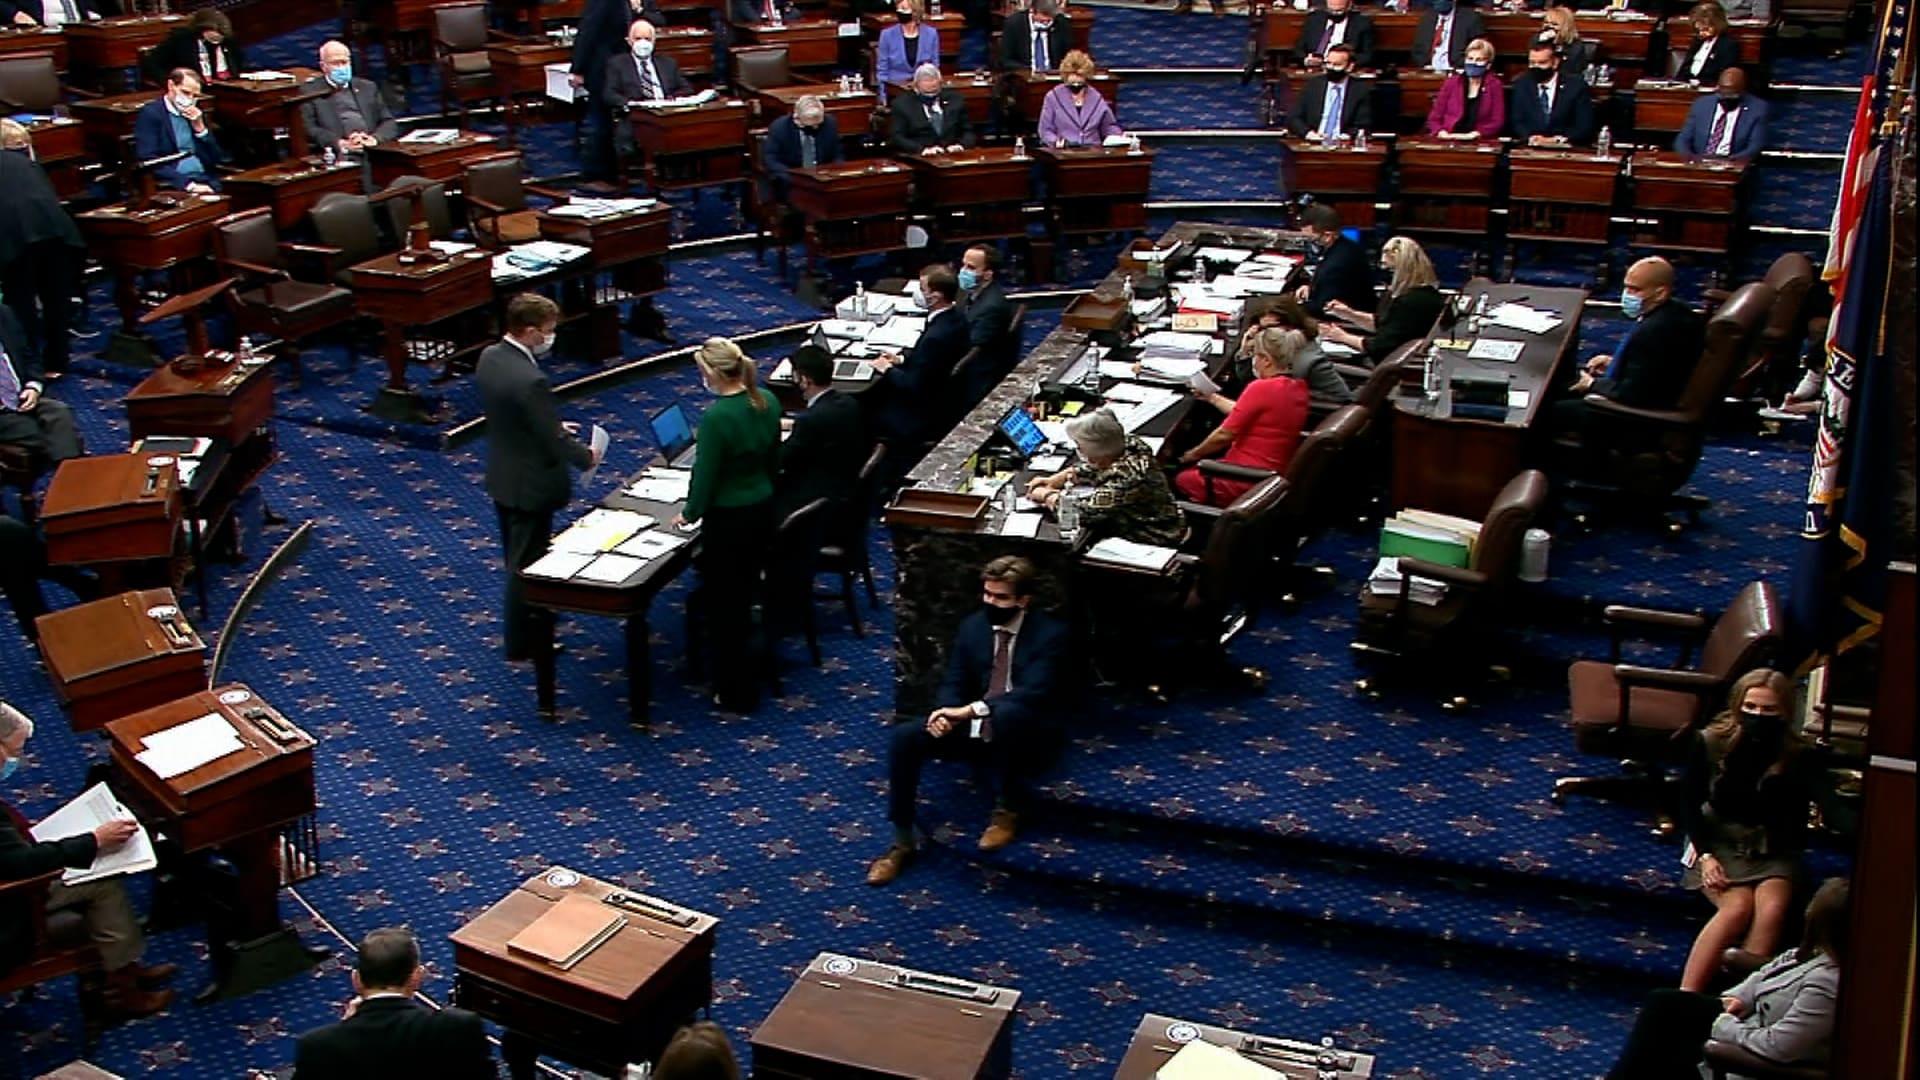 مجلس الشيوخ الأمريكي يقر خطة بايدن لتحفيز الاقتصاد المقدرة بقيمة 1.9 تريليون دولار